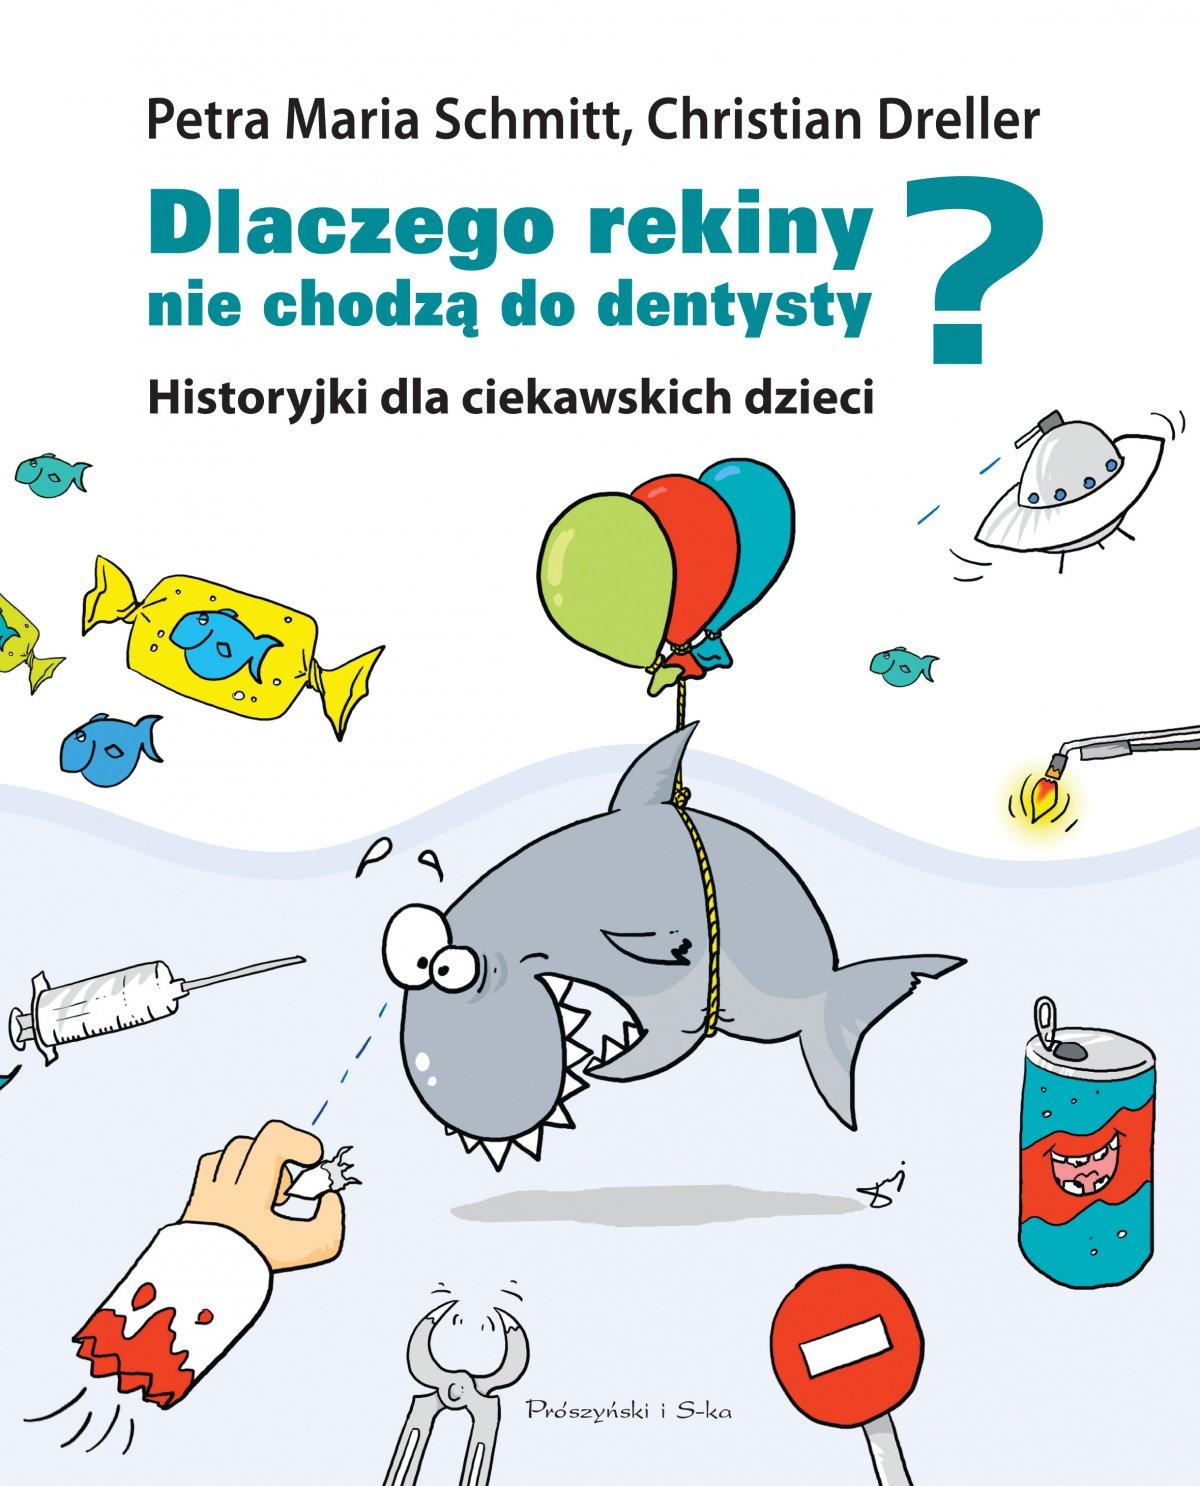 Dlaczego rekiny nie chodzą do dentysty? - Ebook (Książka EPUB) do pobrania w formacie EPUB